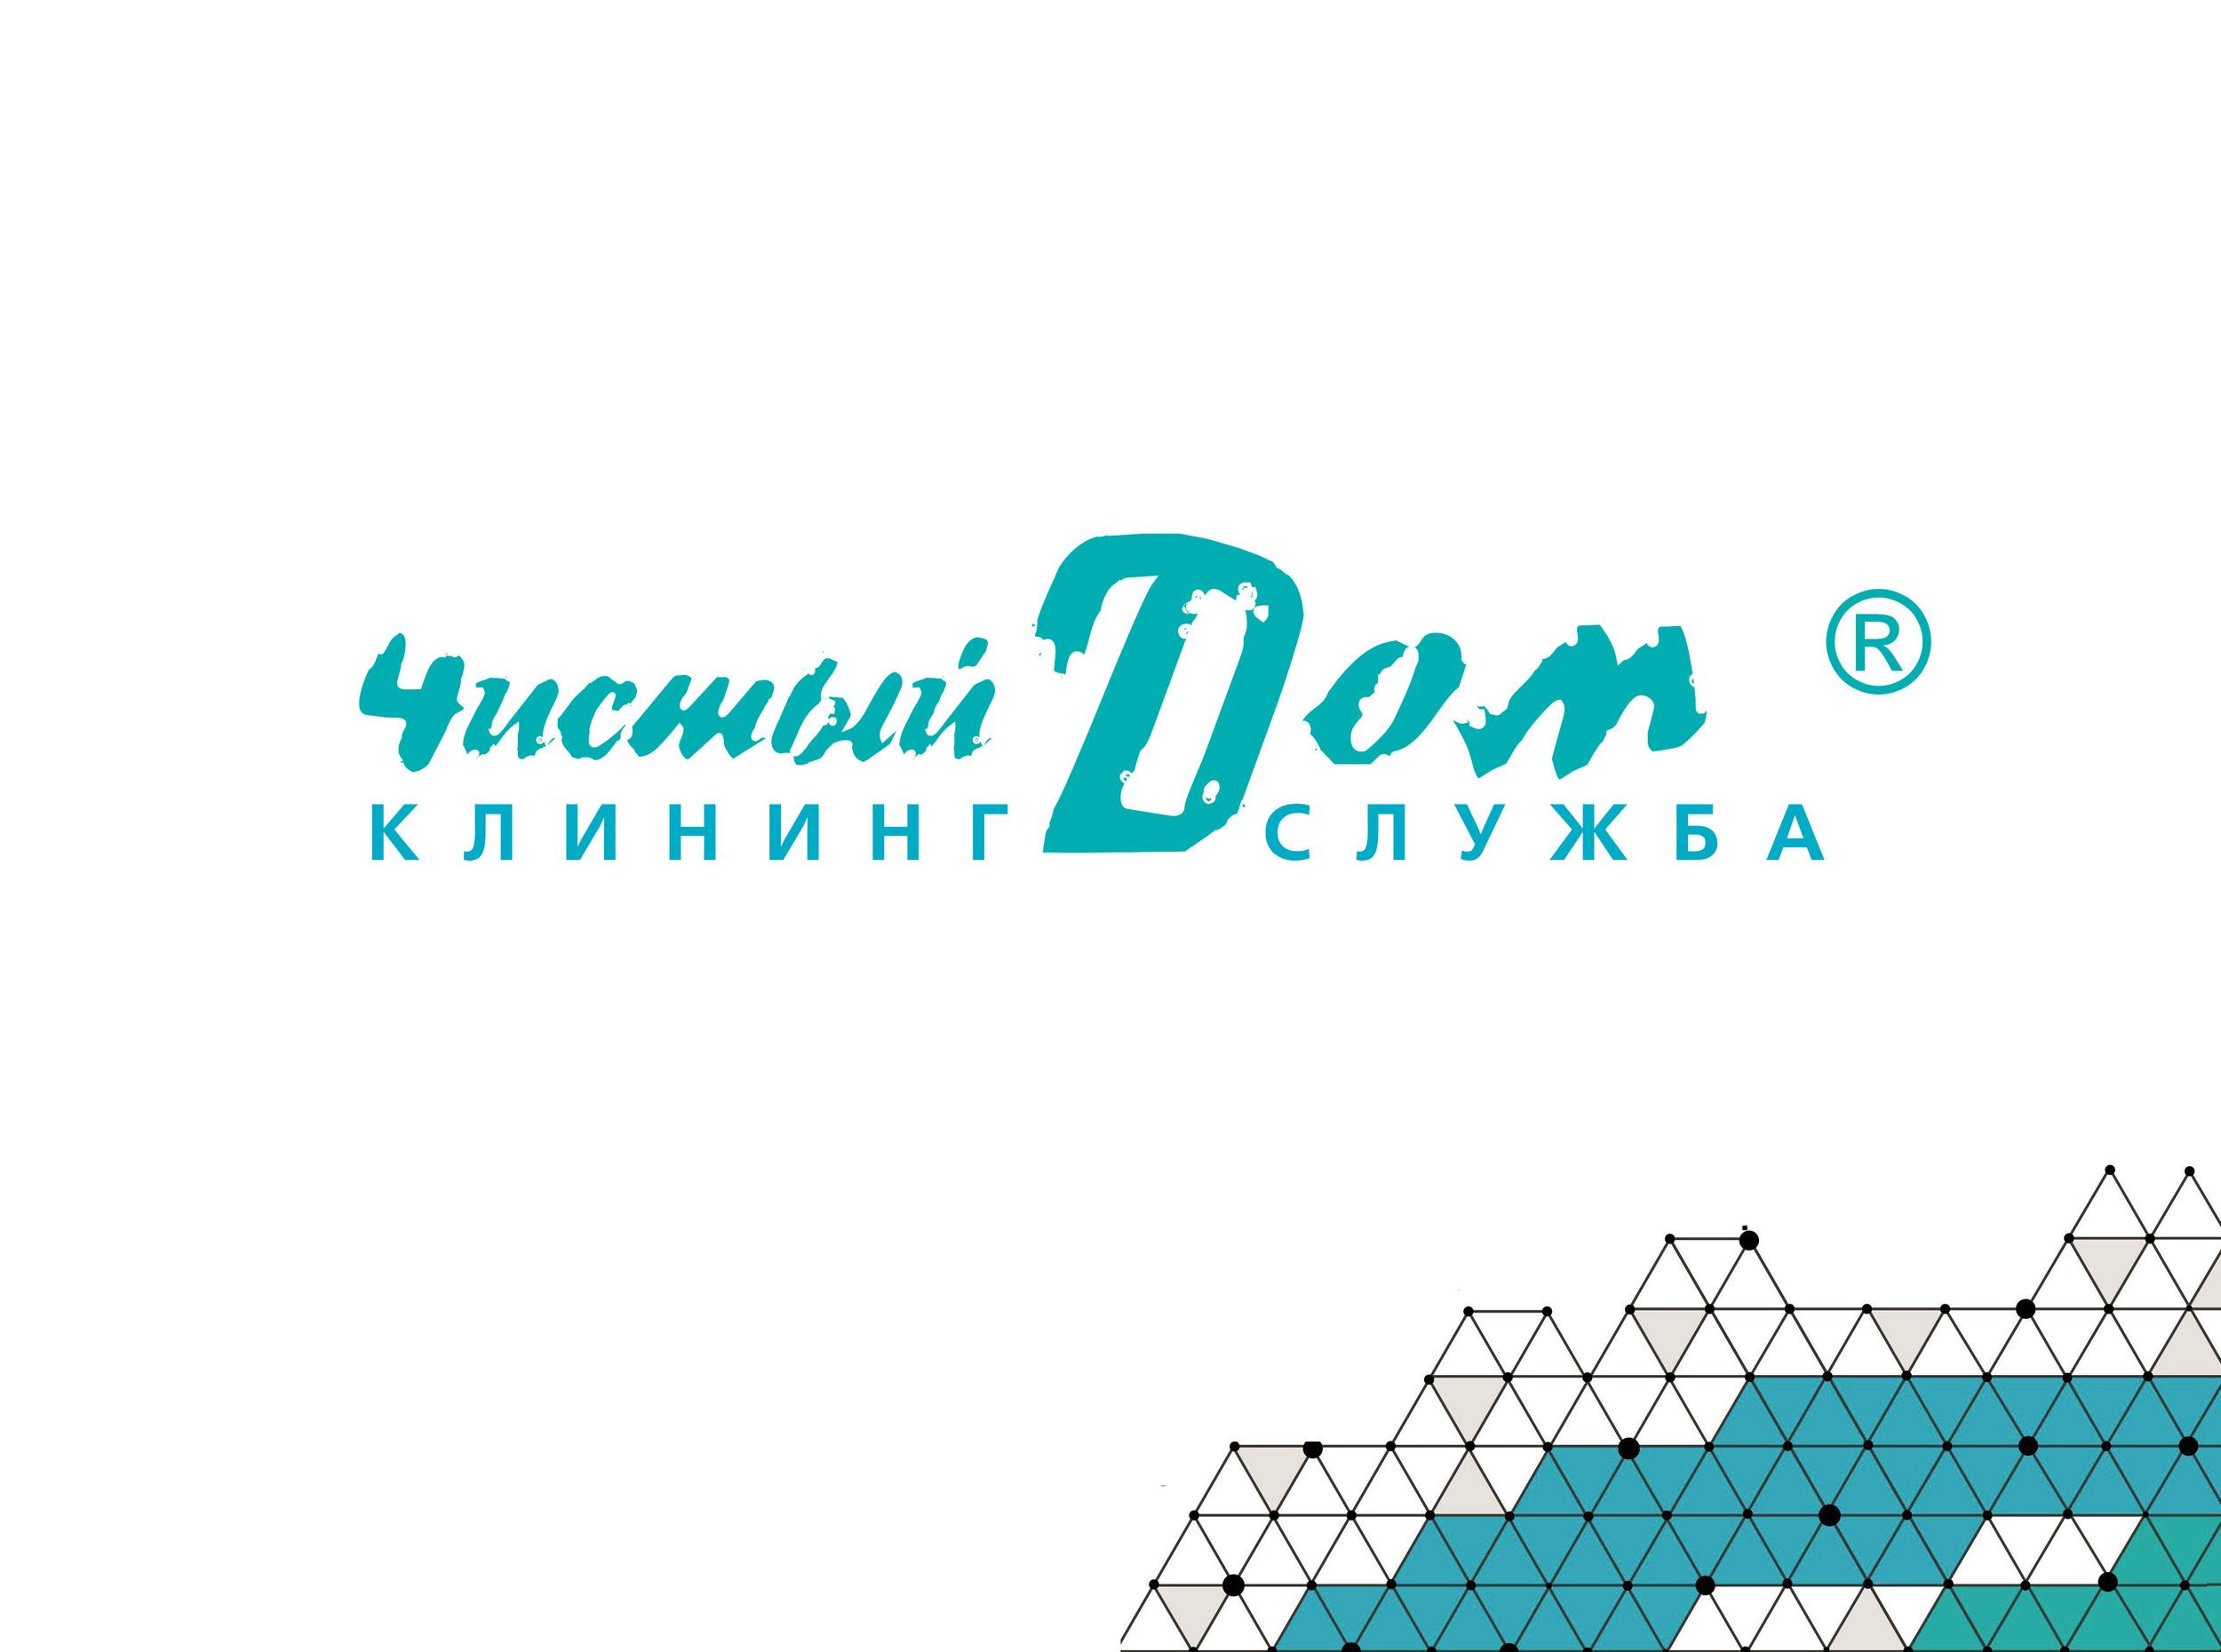 (c) Tidehome.ru